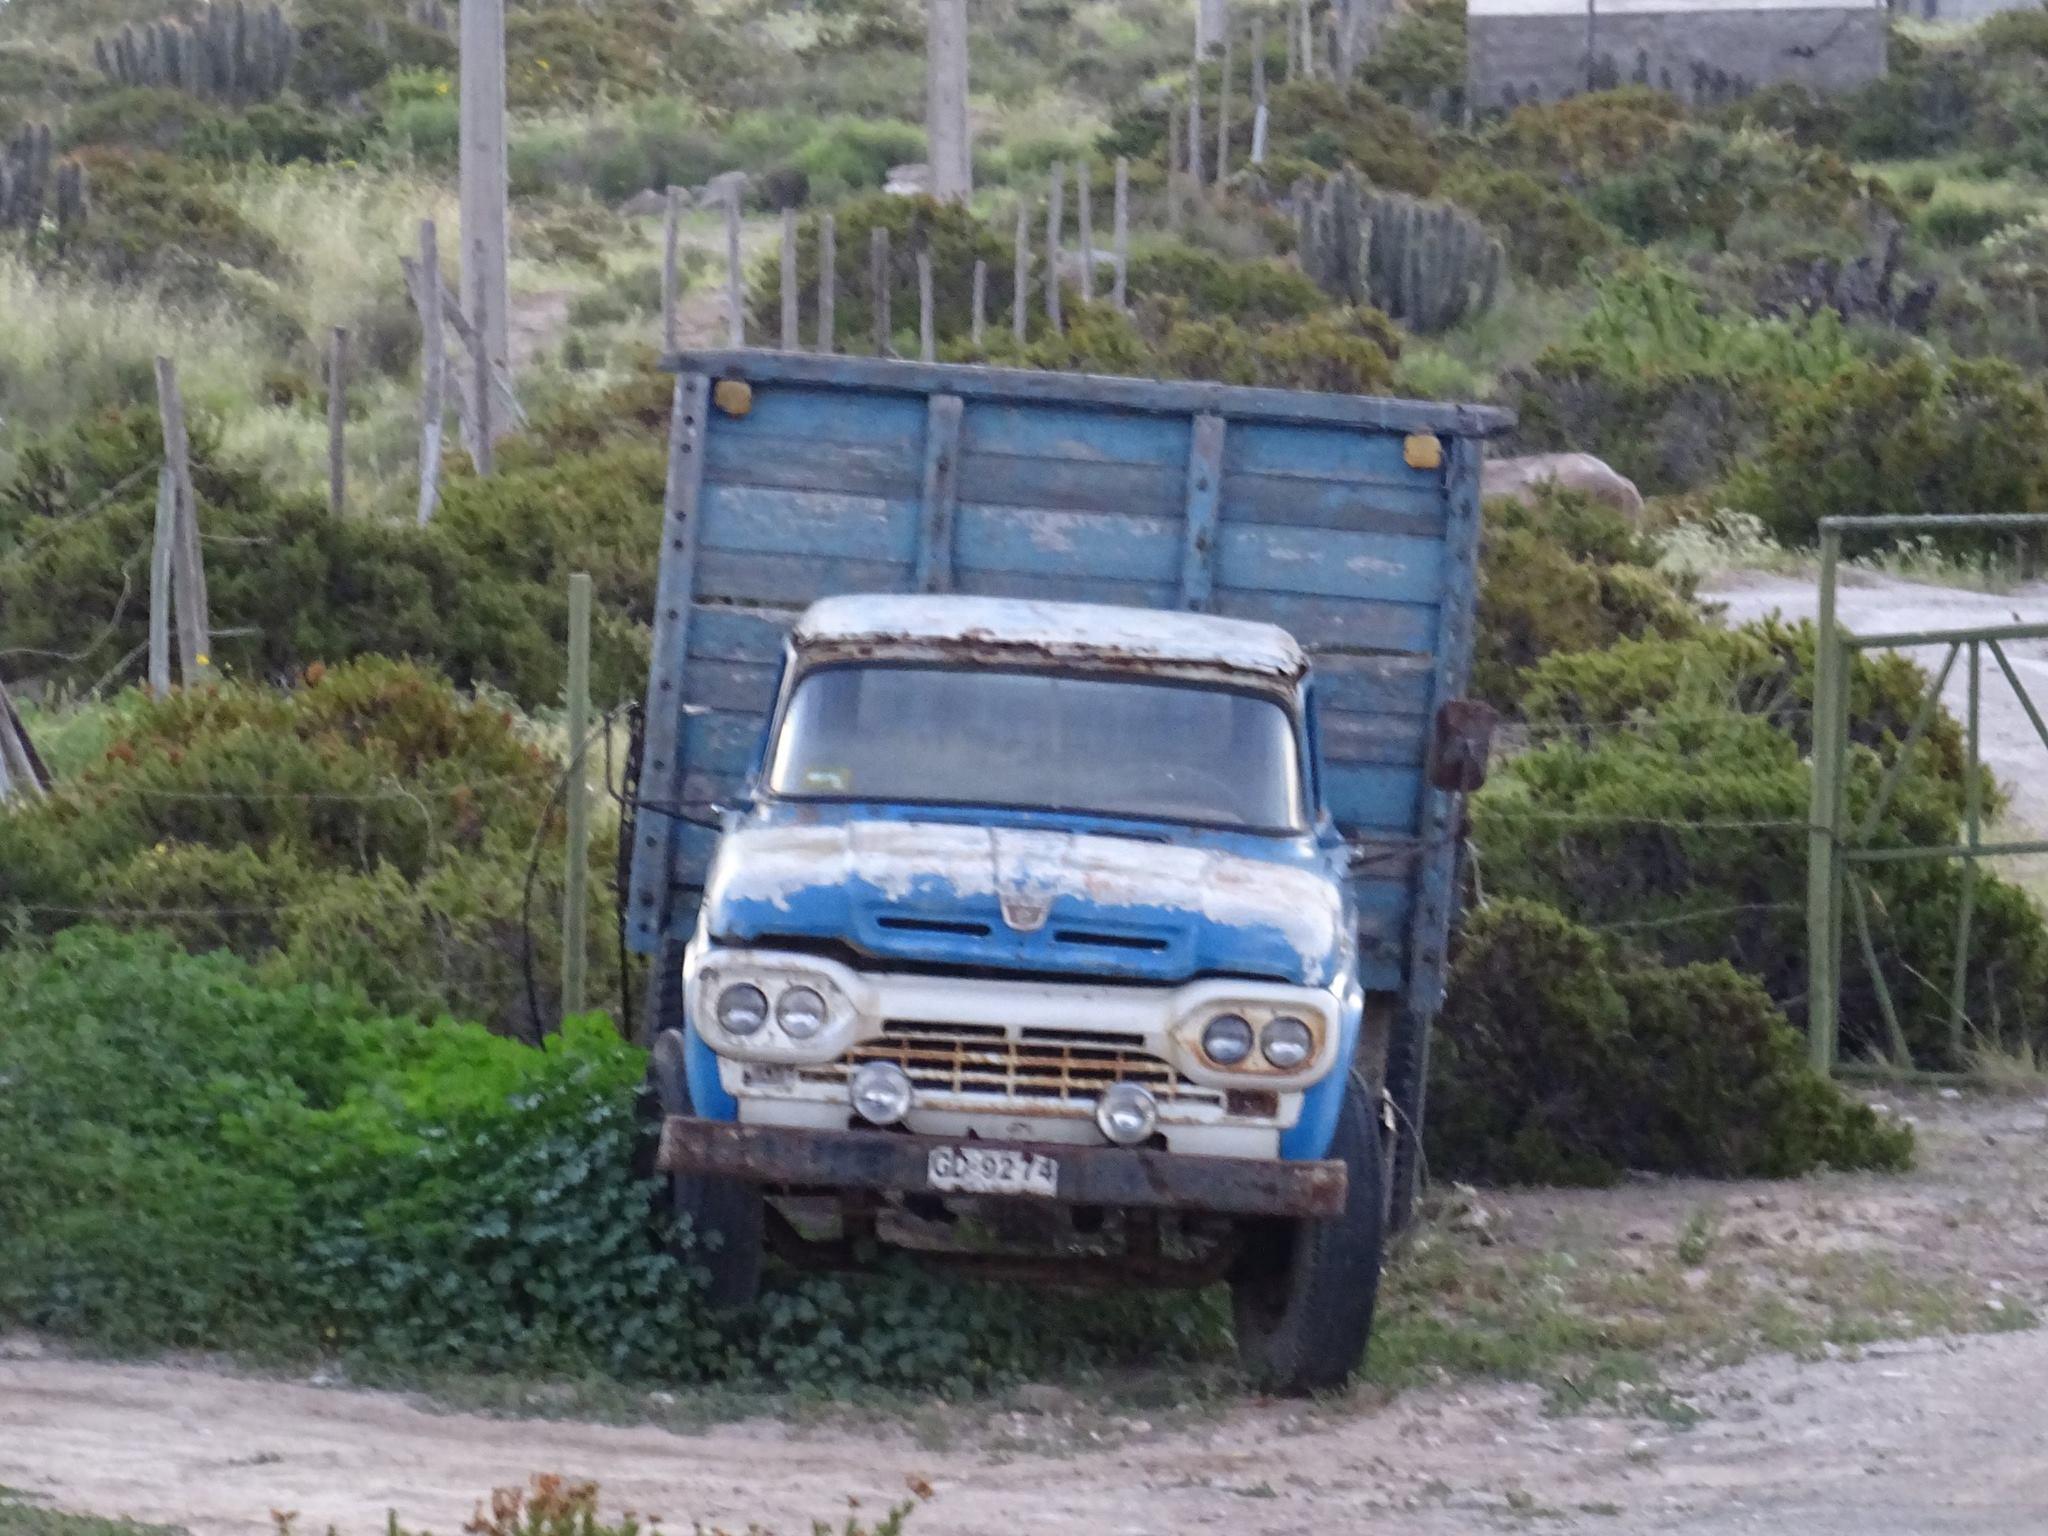 Camiones-vieja-escuela-olvidados-61